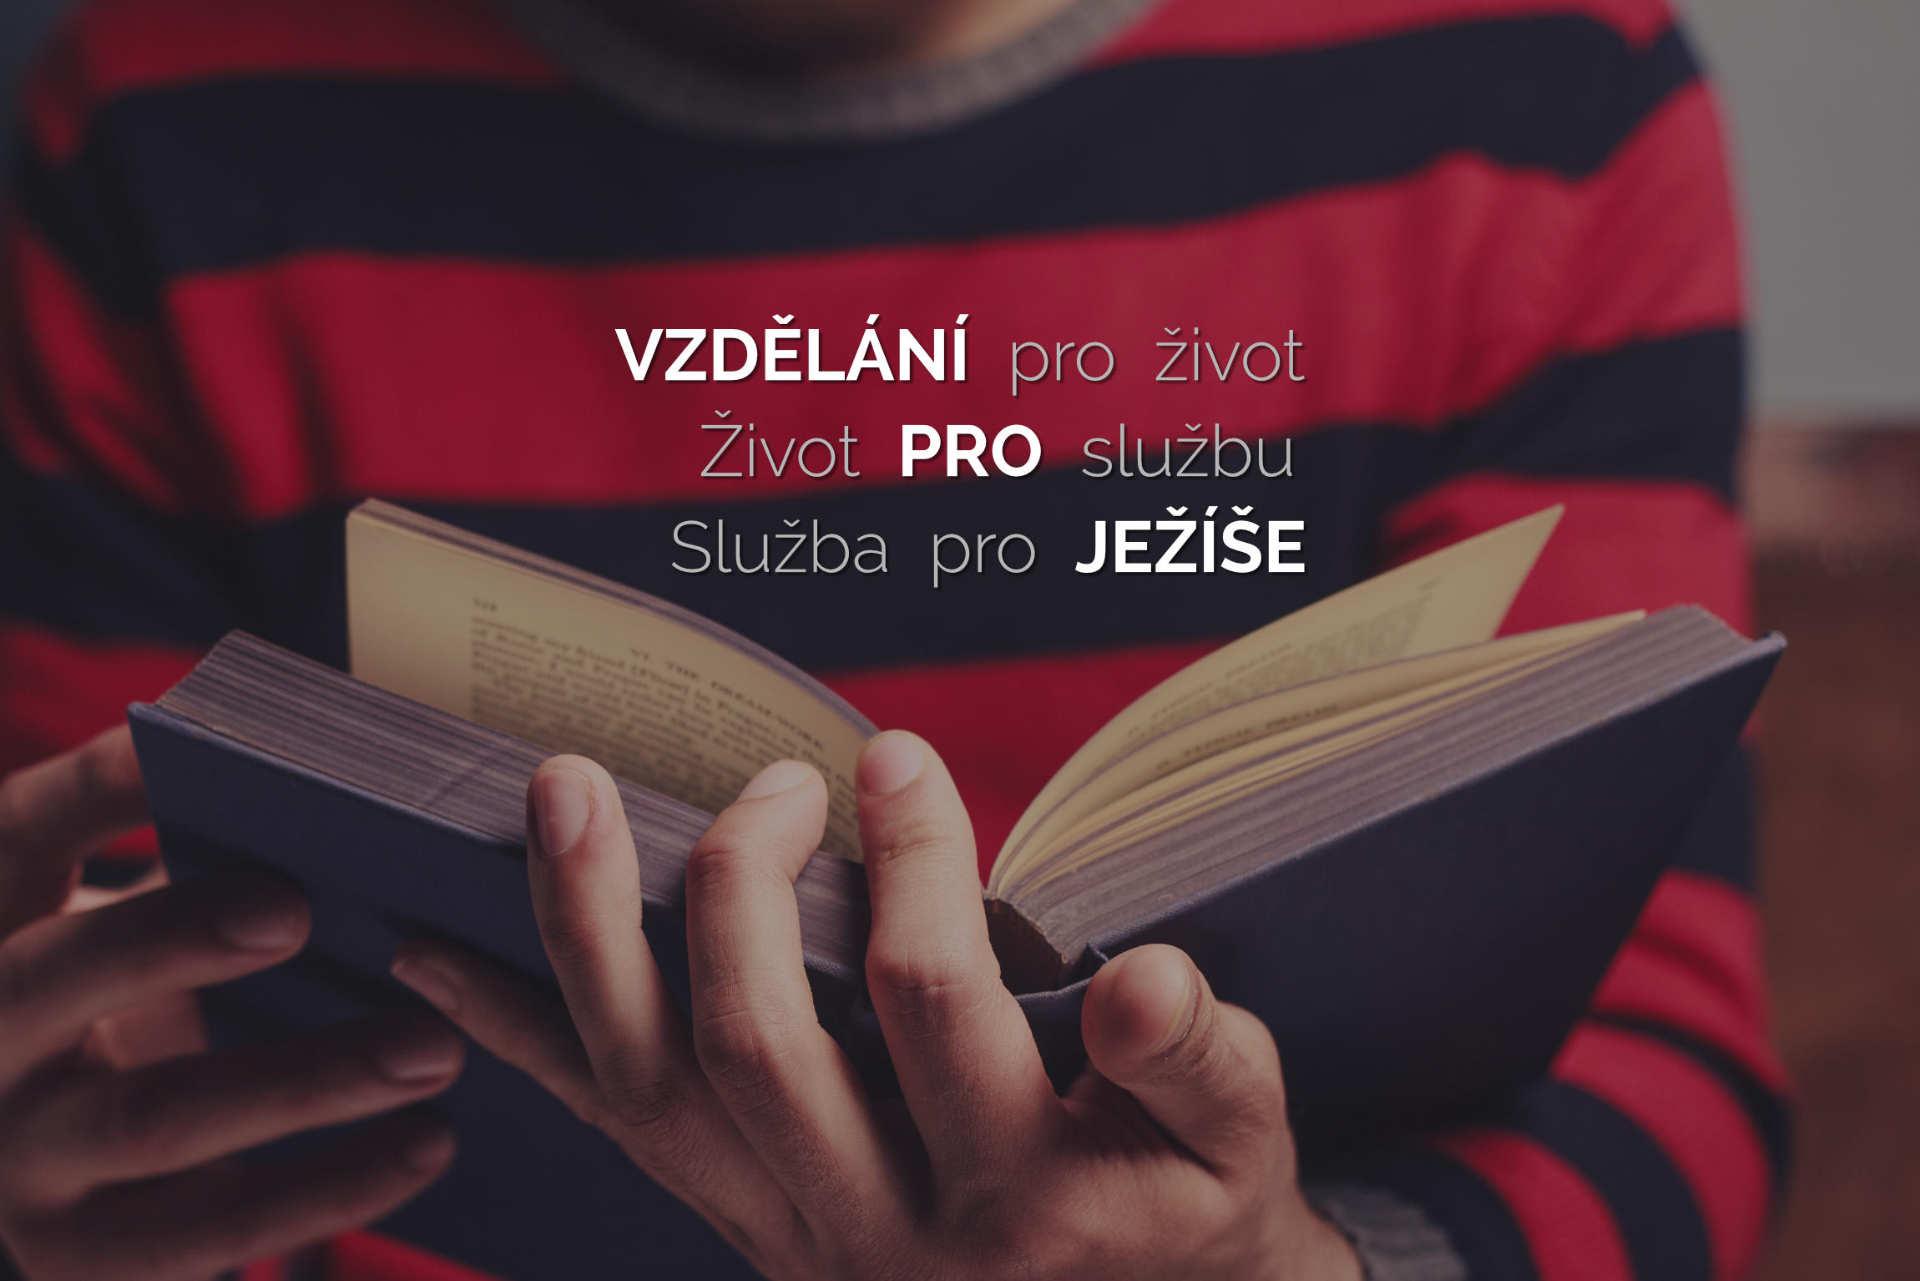 Vzdělání pro Ježíše